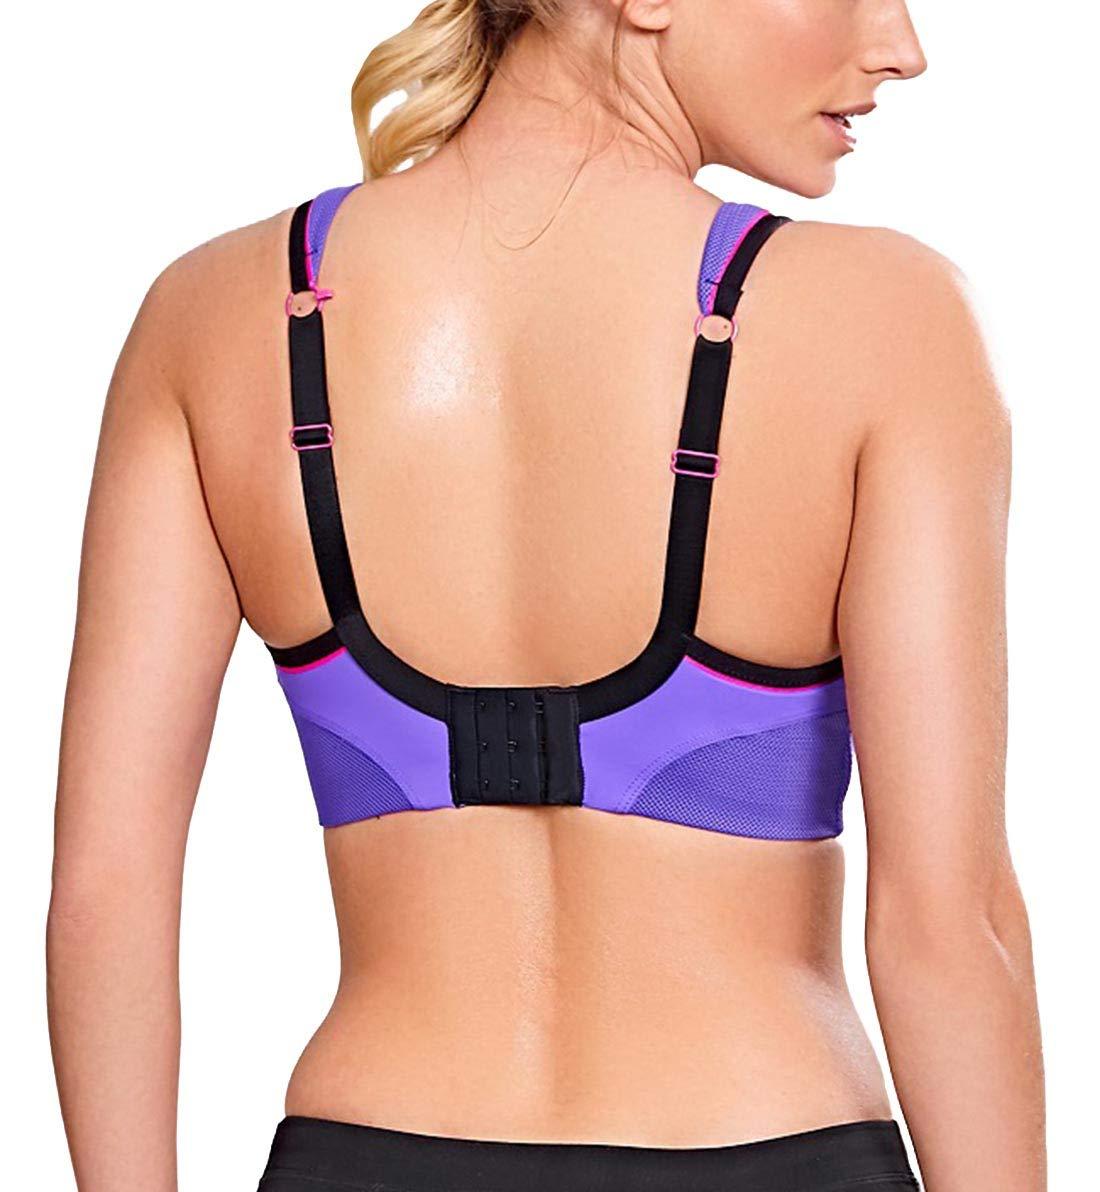 Panache Wireless Sports Bra (7341) 28DD/Purple/Pink by Panache (Image #2)